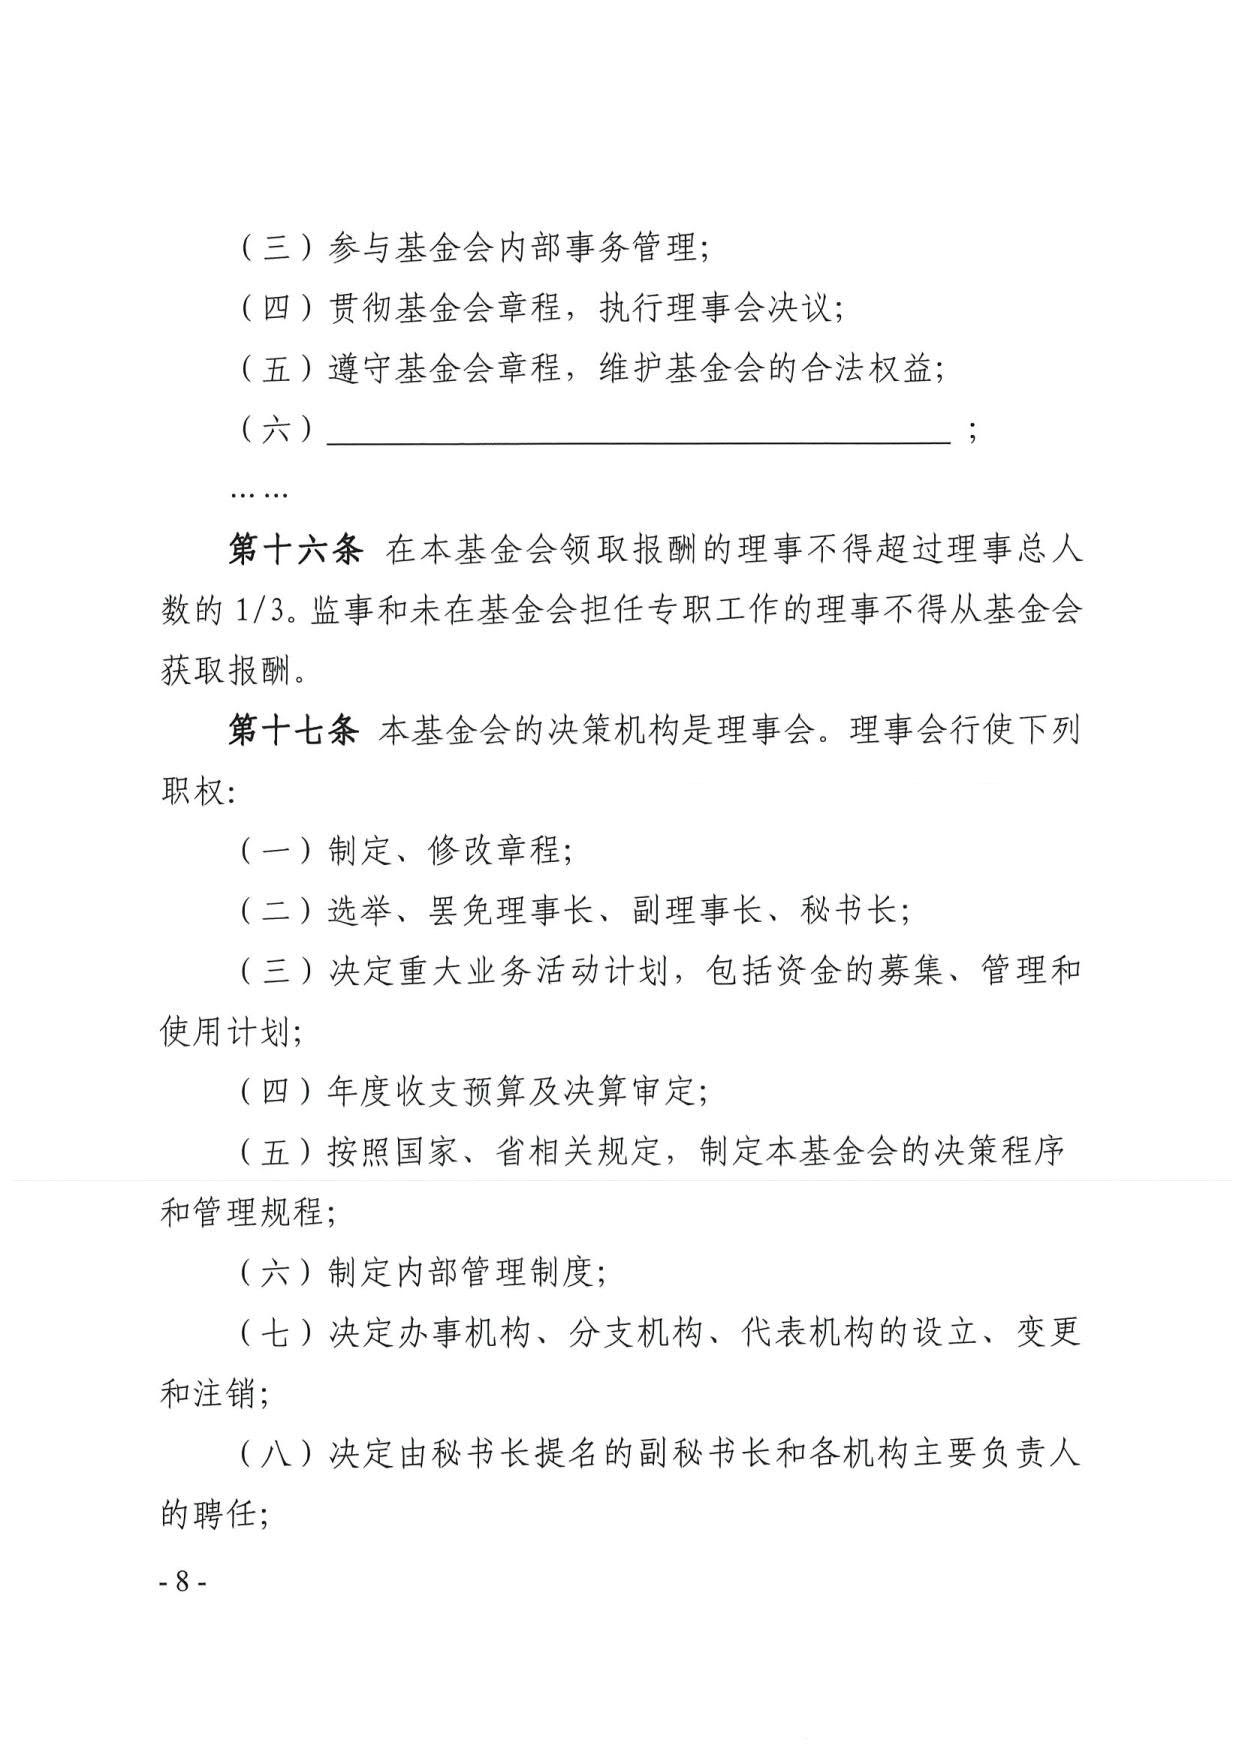 广东省民政厅关于印发《广东省基金会章程示范文本》的通知(4)_08.jpg